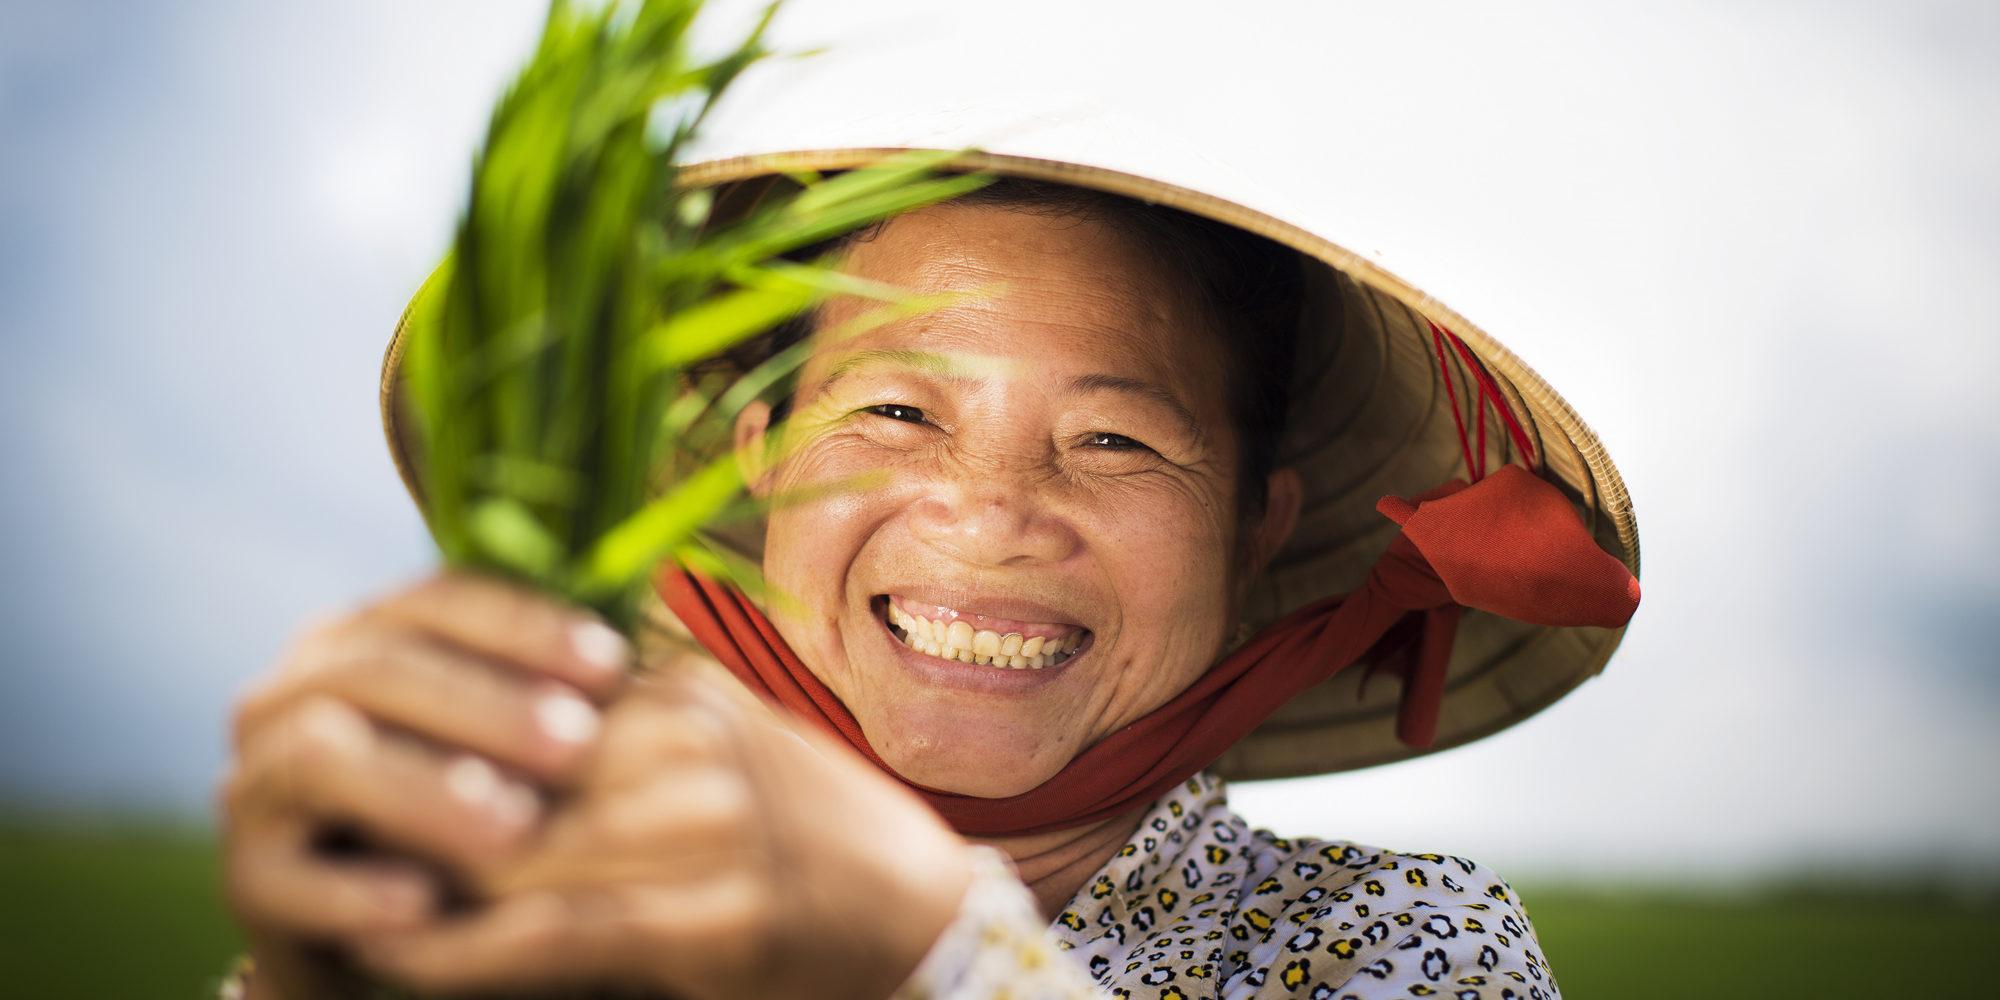 Närbild på en kvinna som leende håller upp en risplanta i händerna framför ansiktet.